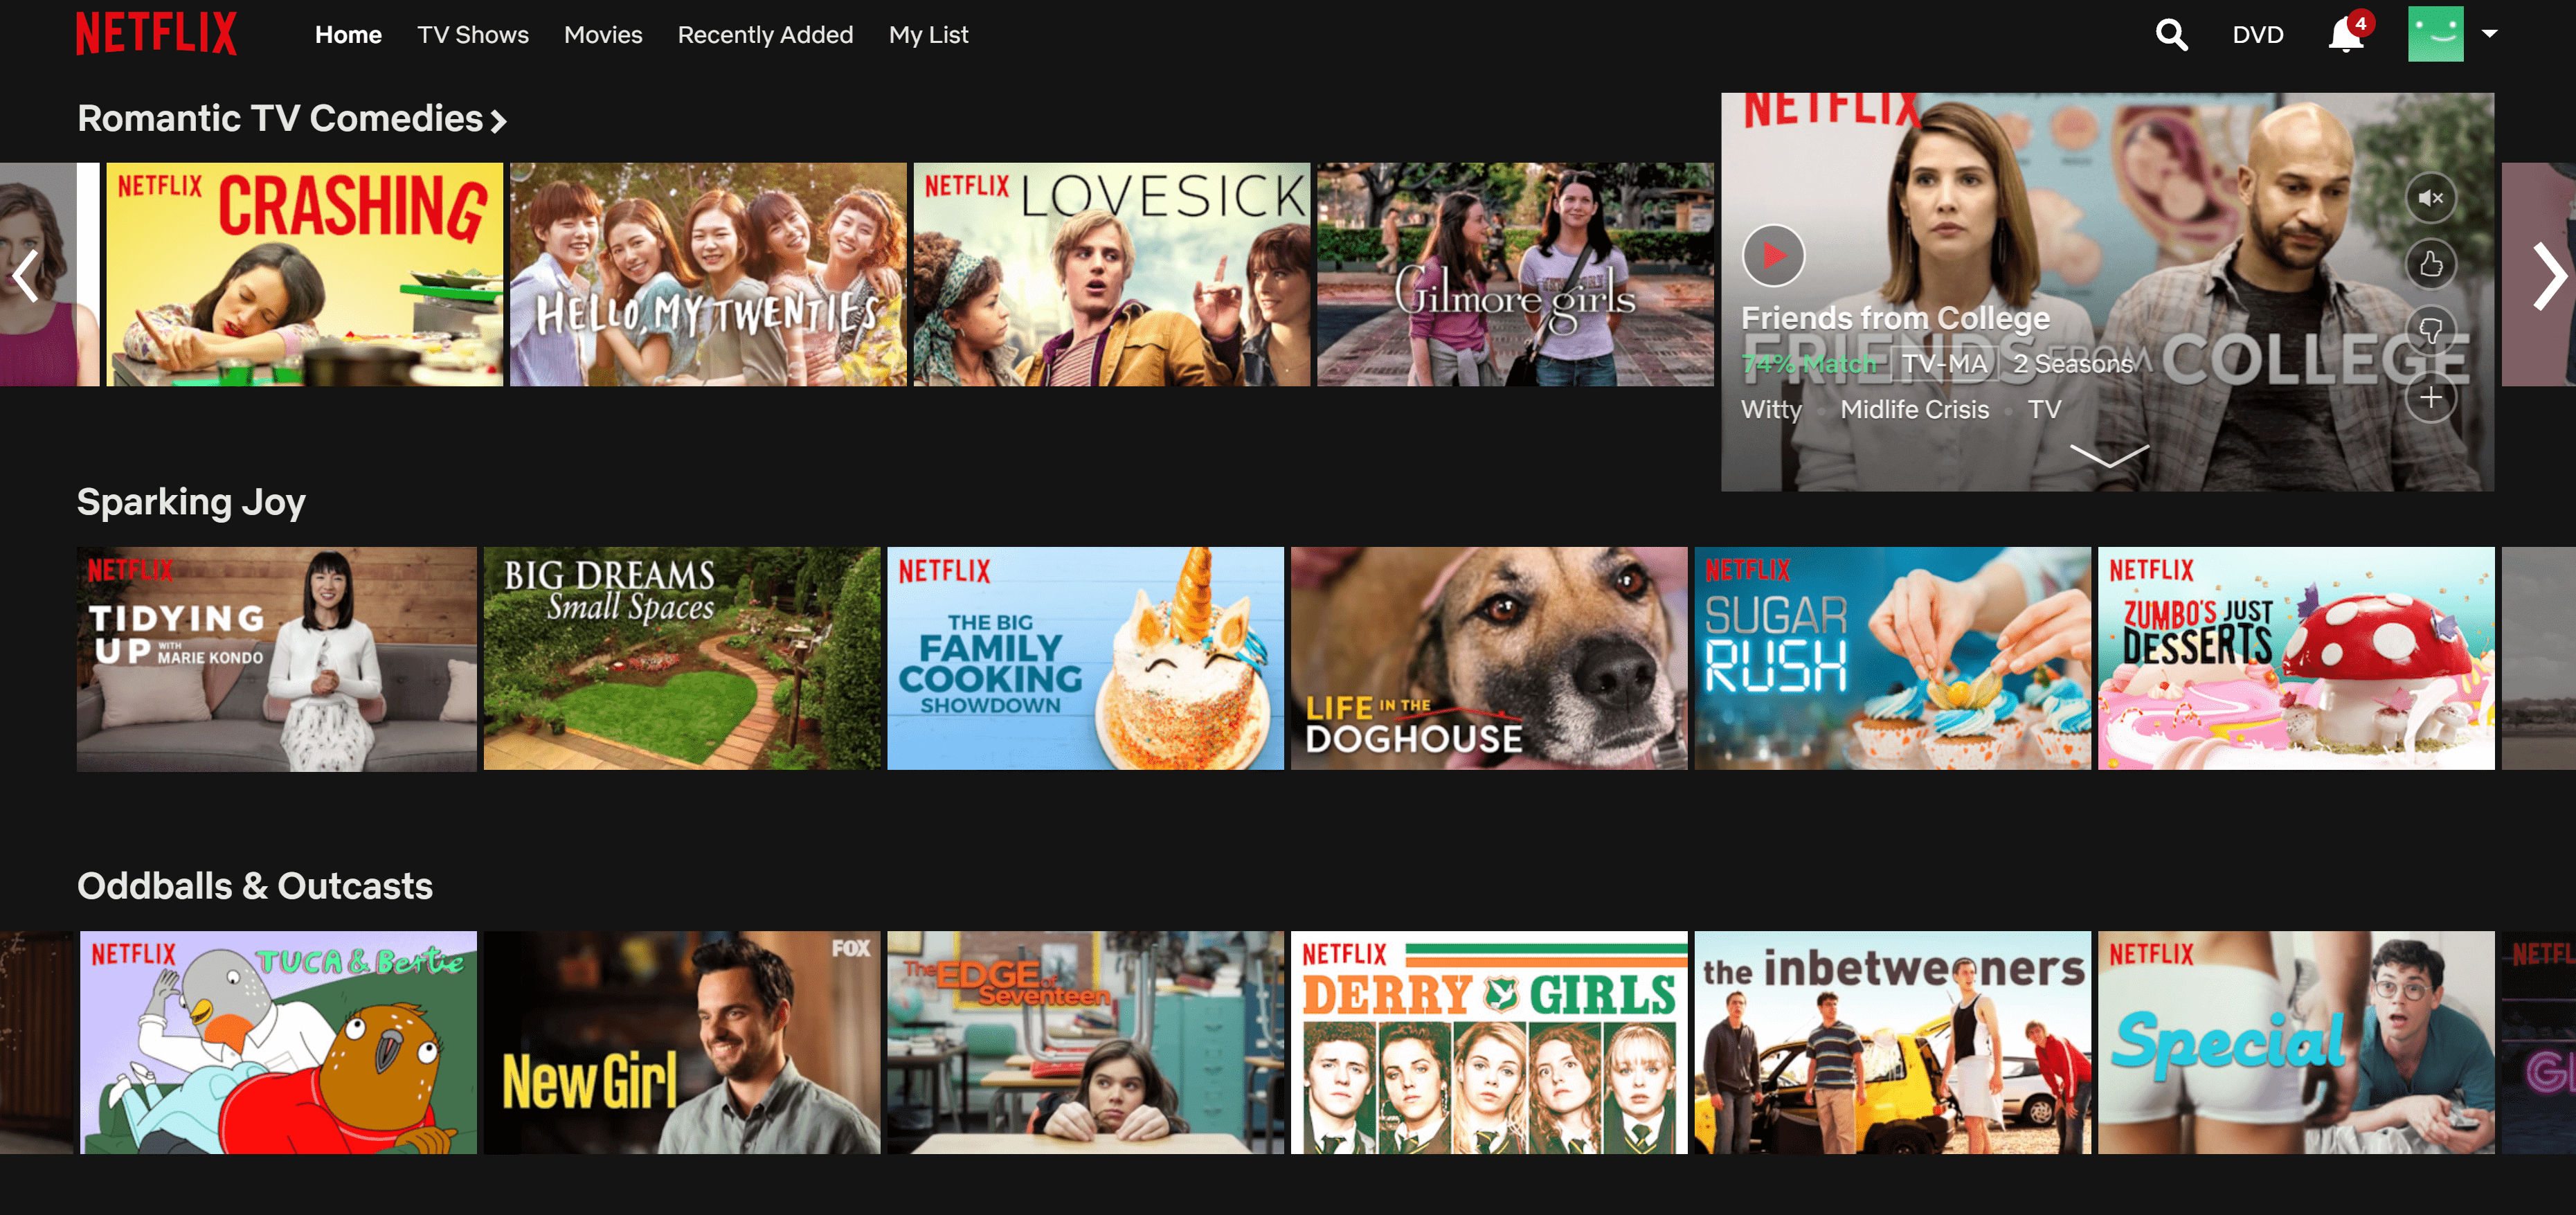 Netflix's pleasantly categorized catalog